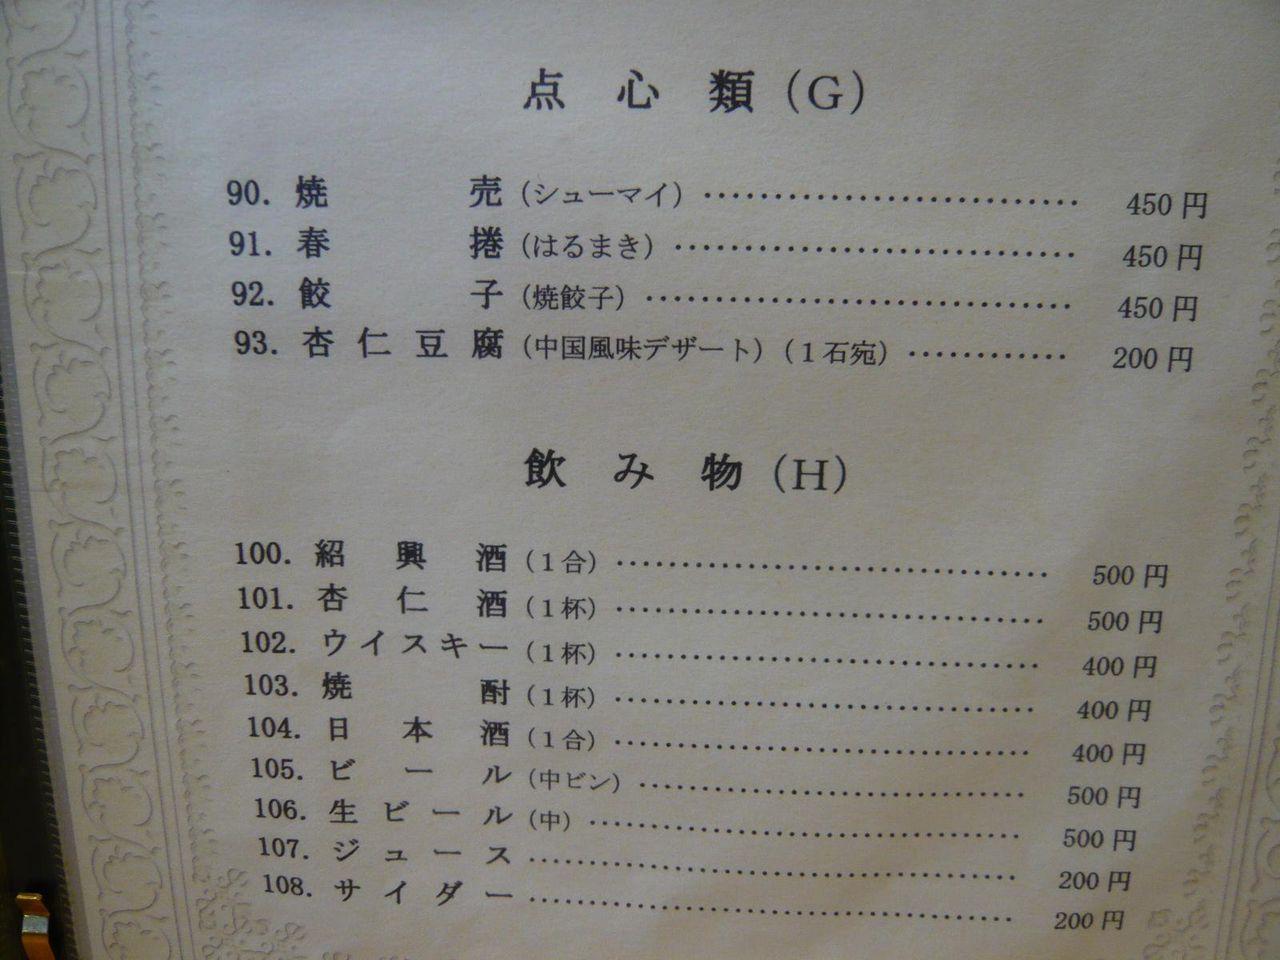 「襄陽(じょうよう)」のメニュー(22年10月現在)